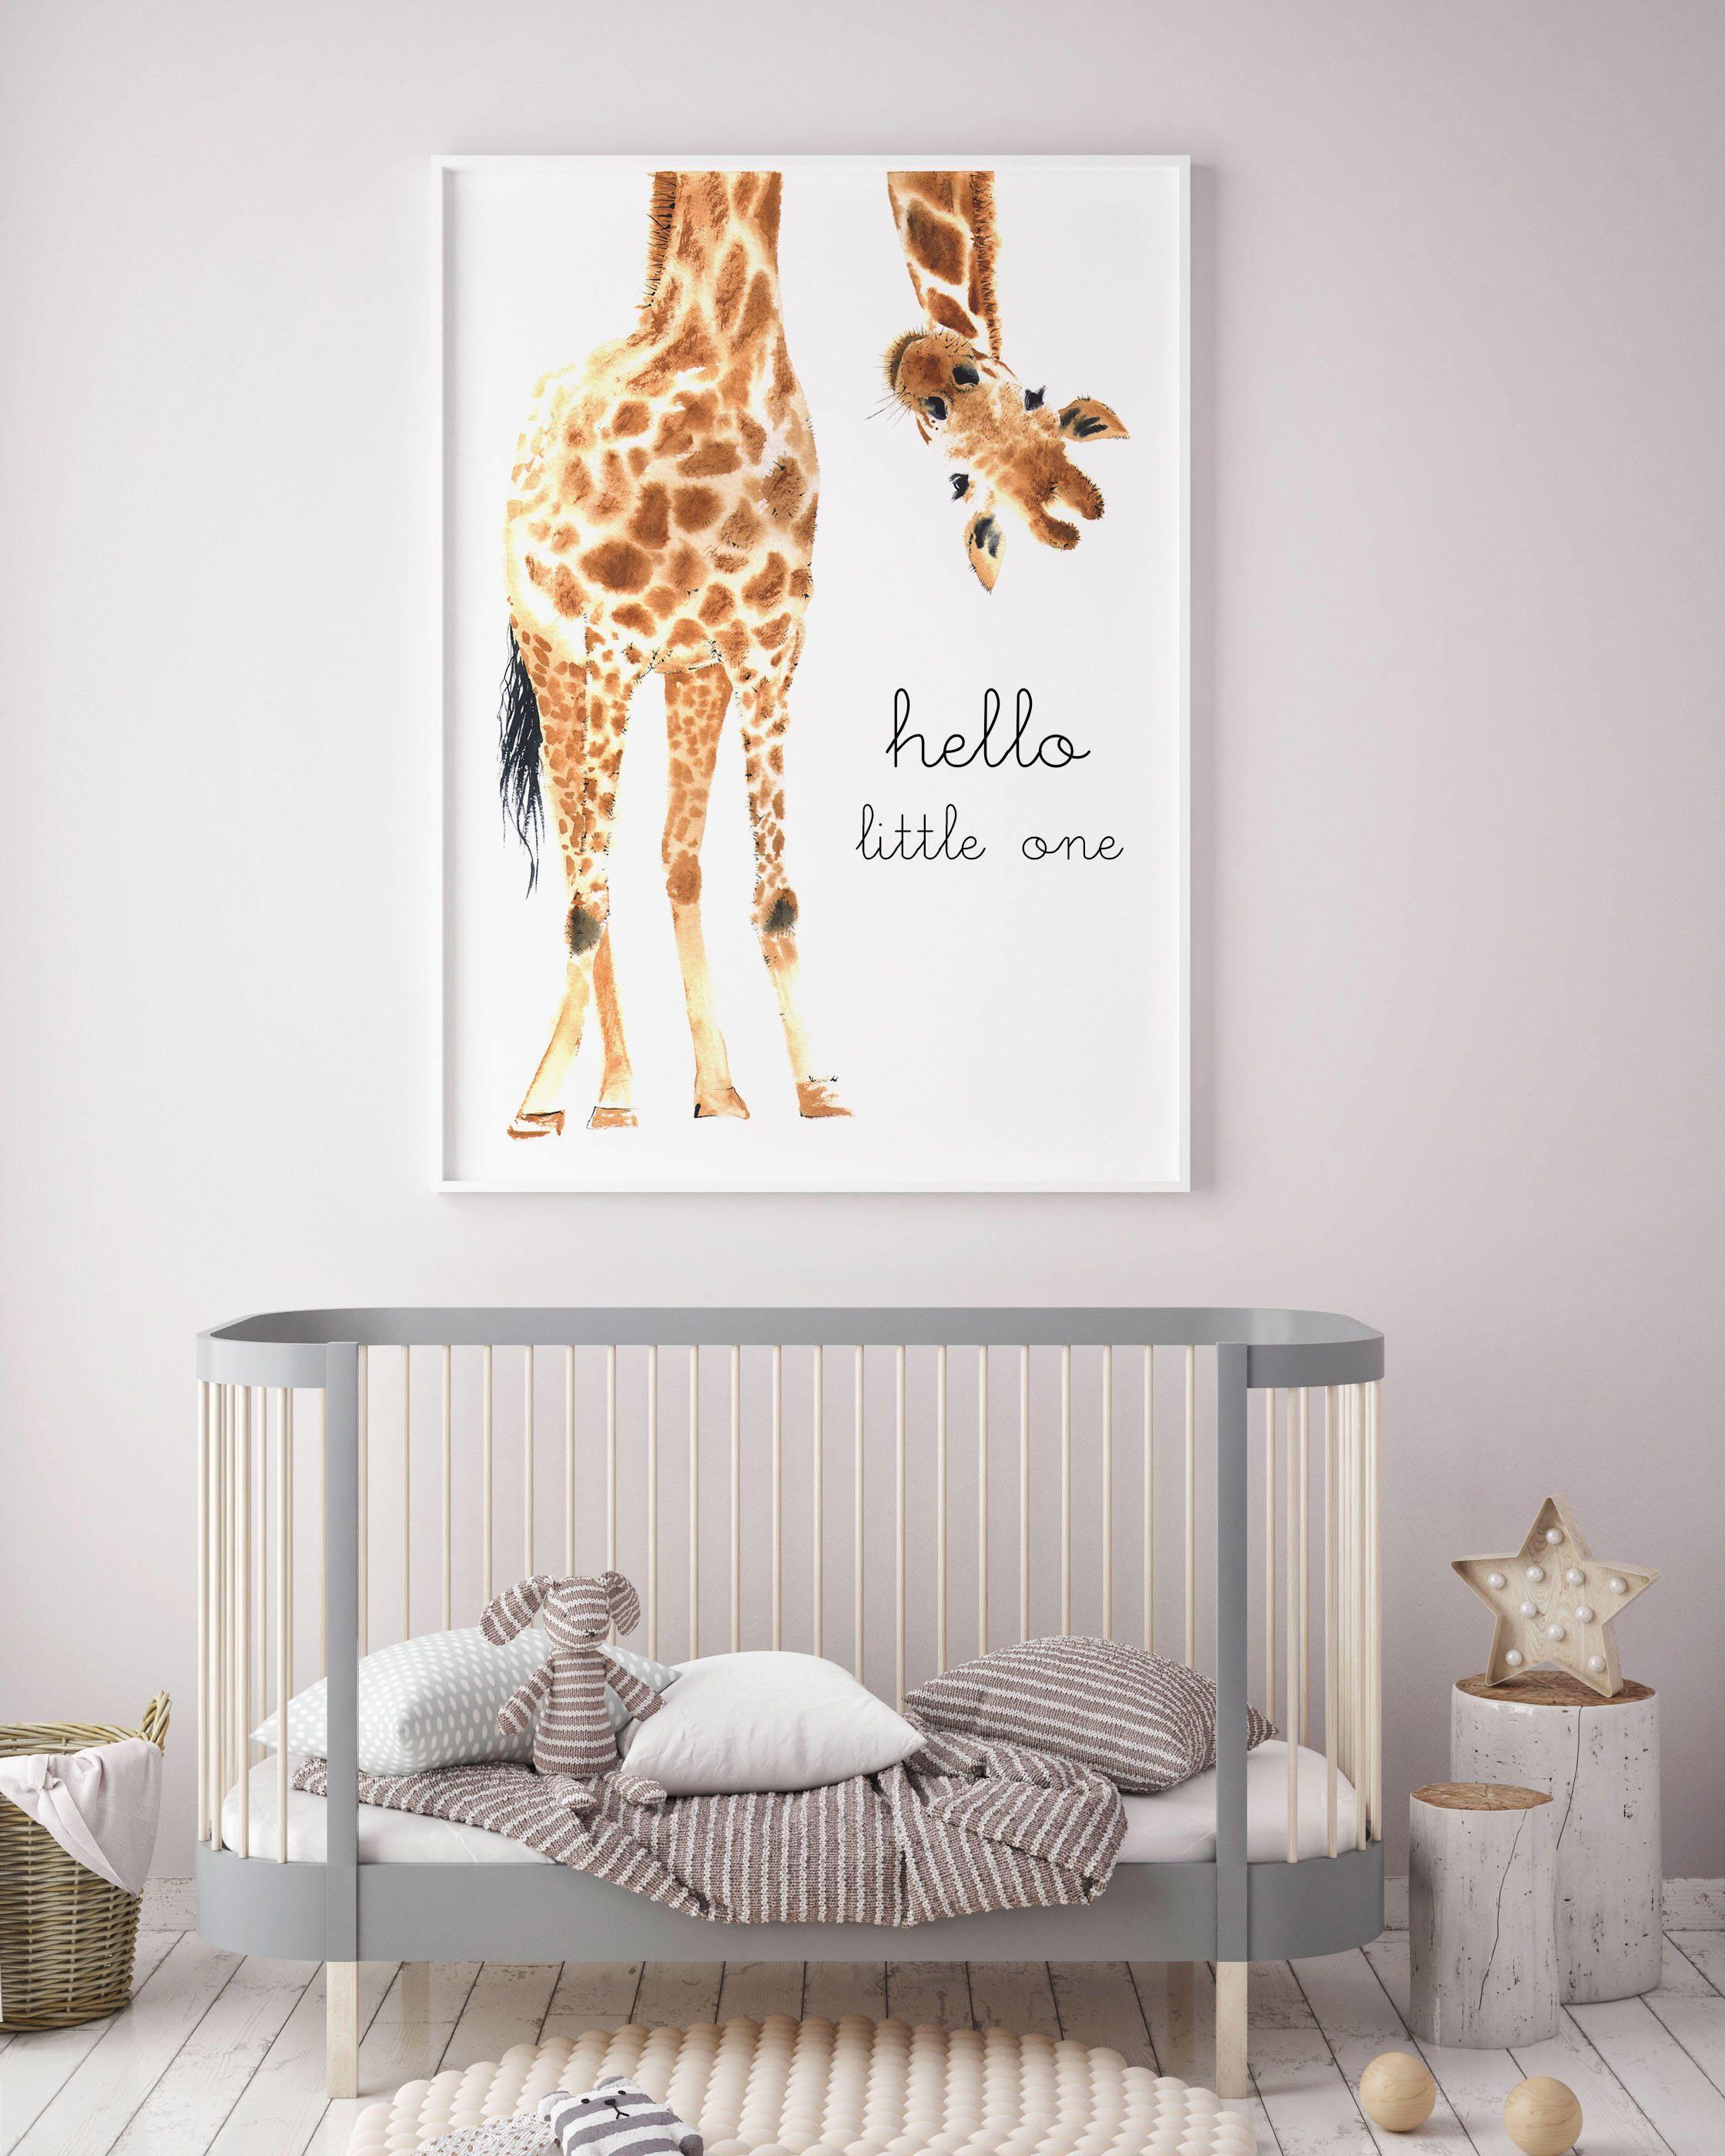 Giraffe Animal Nursery Decor Wall Art Printable Prints